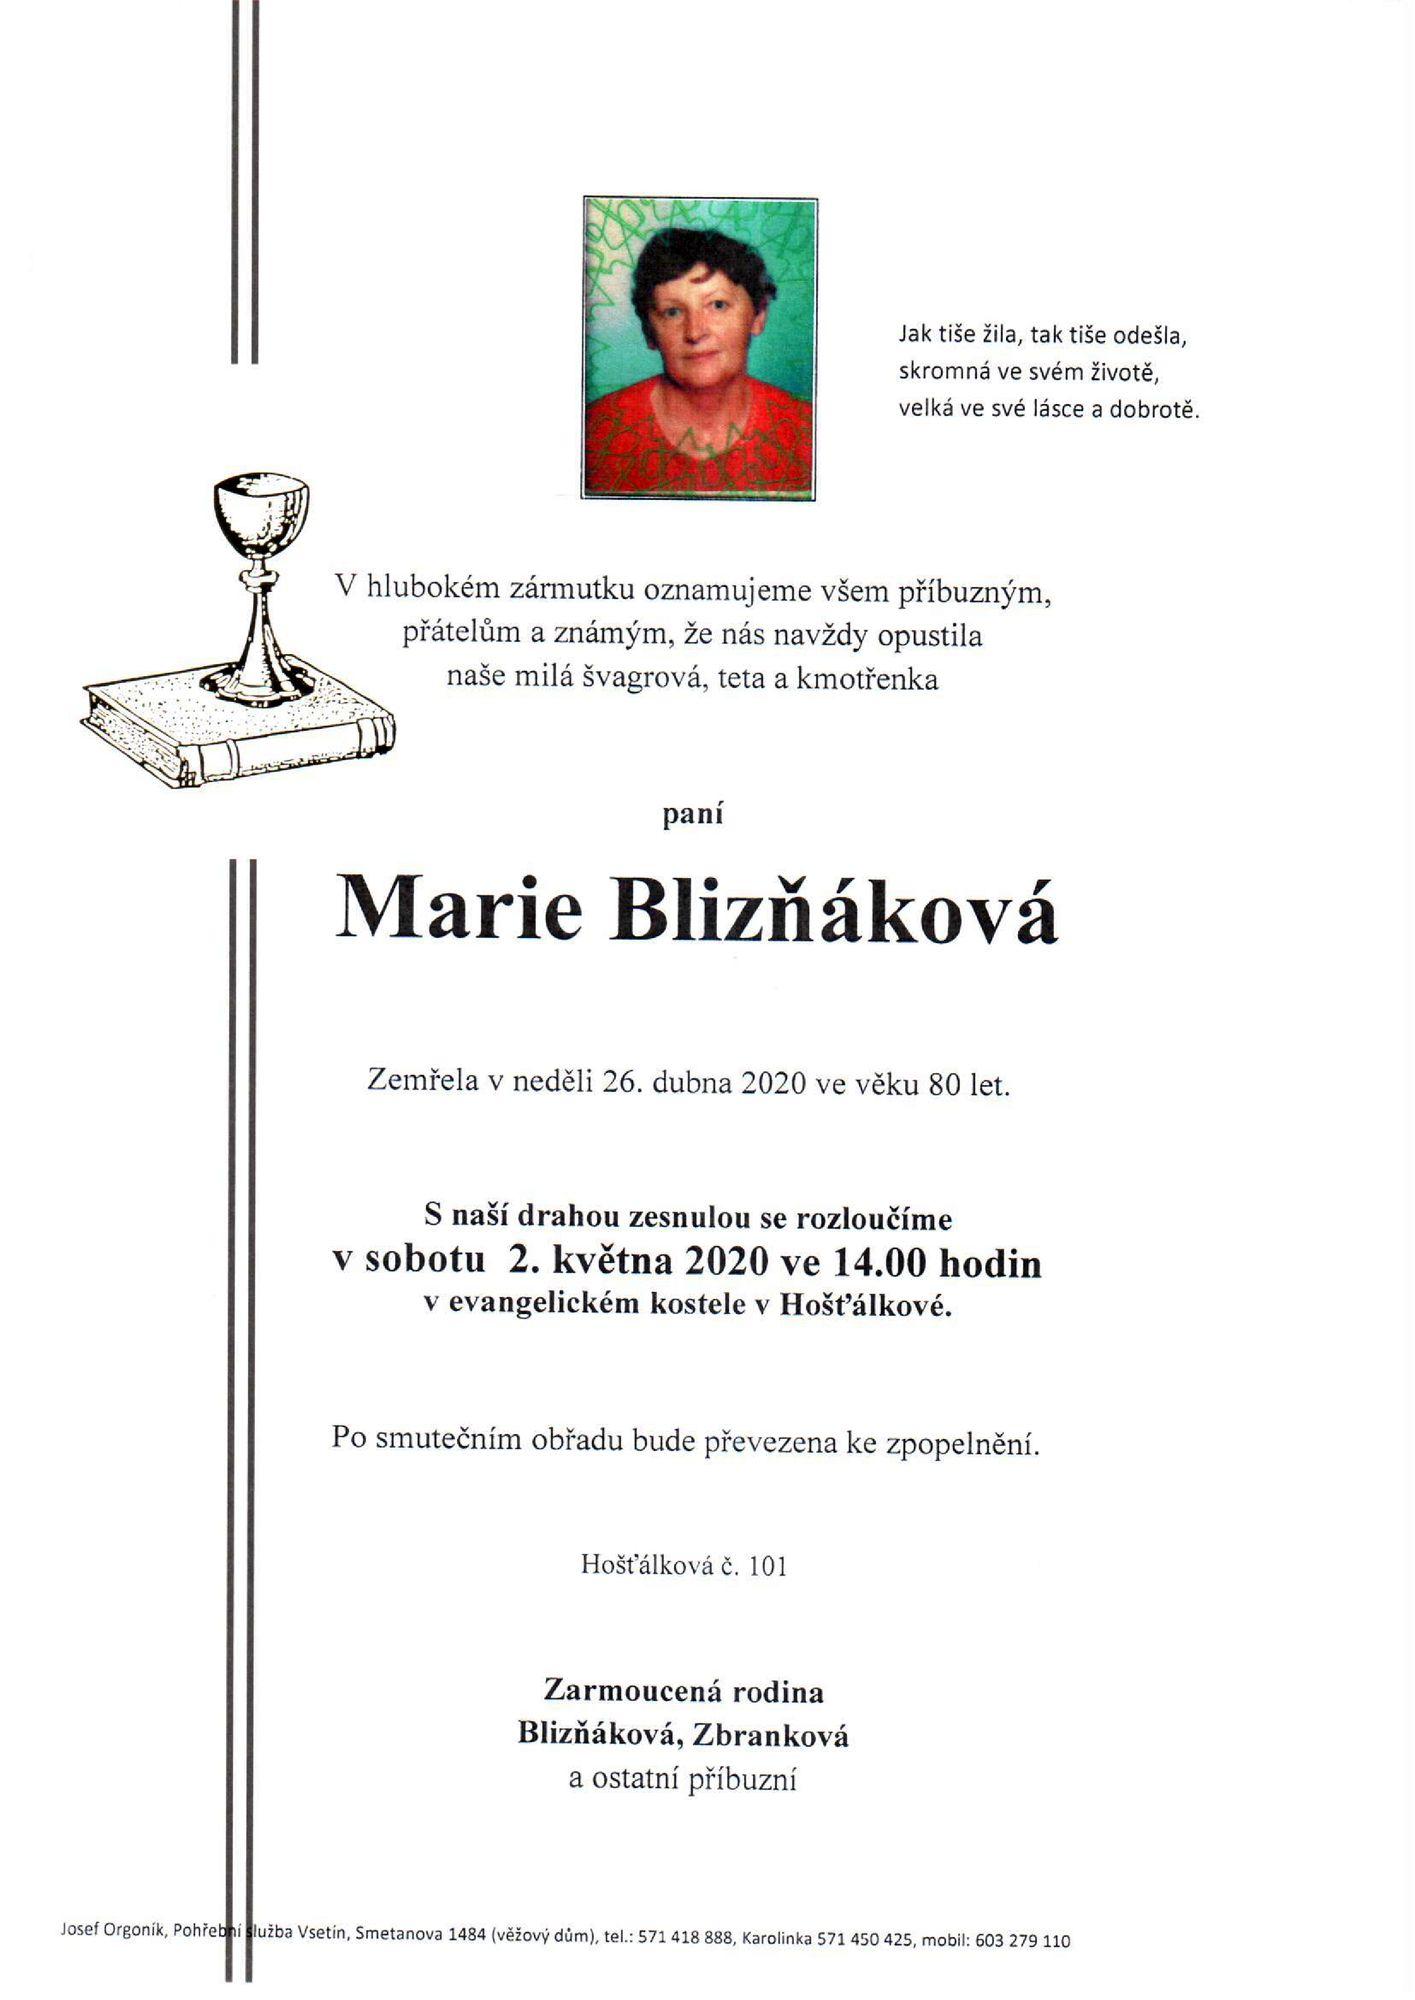 Marie Blizňáková